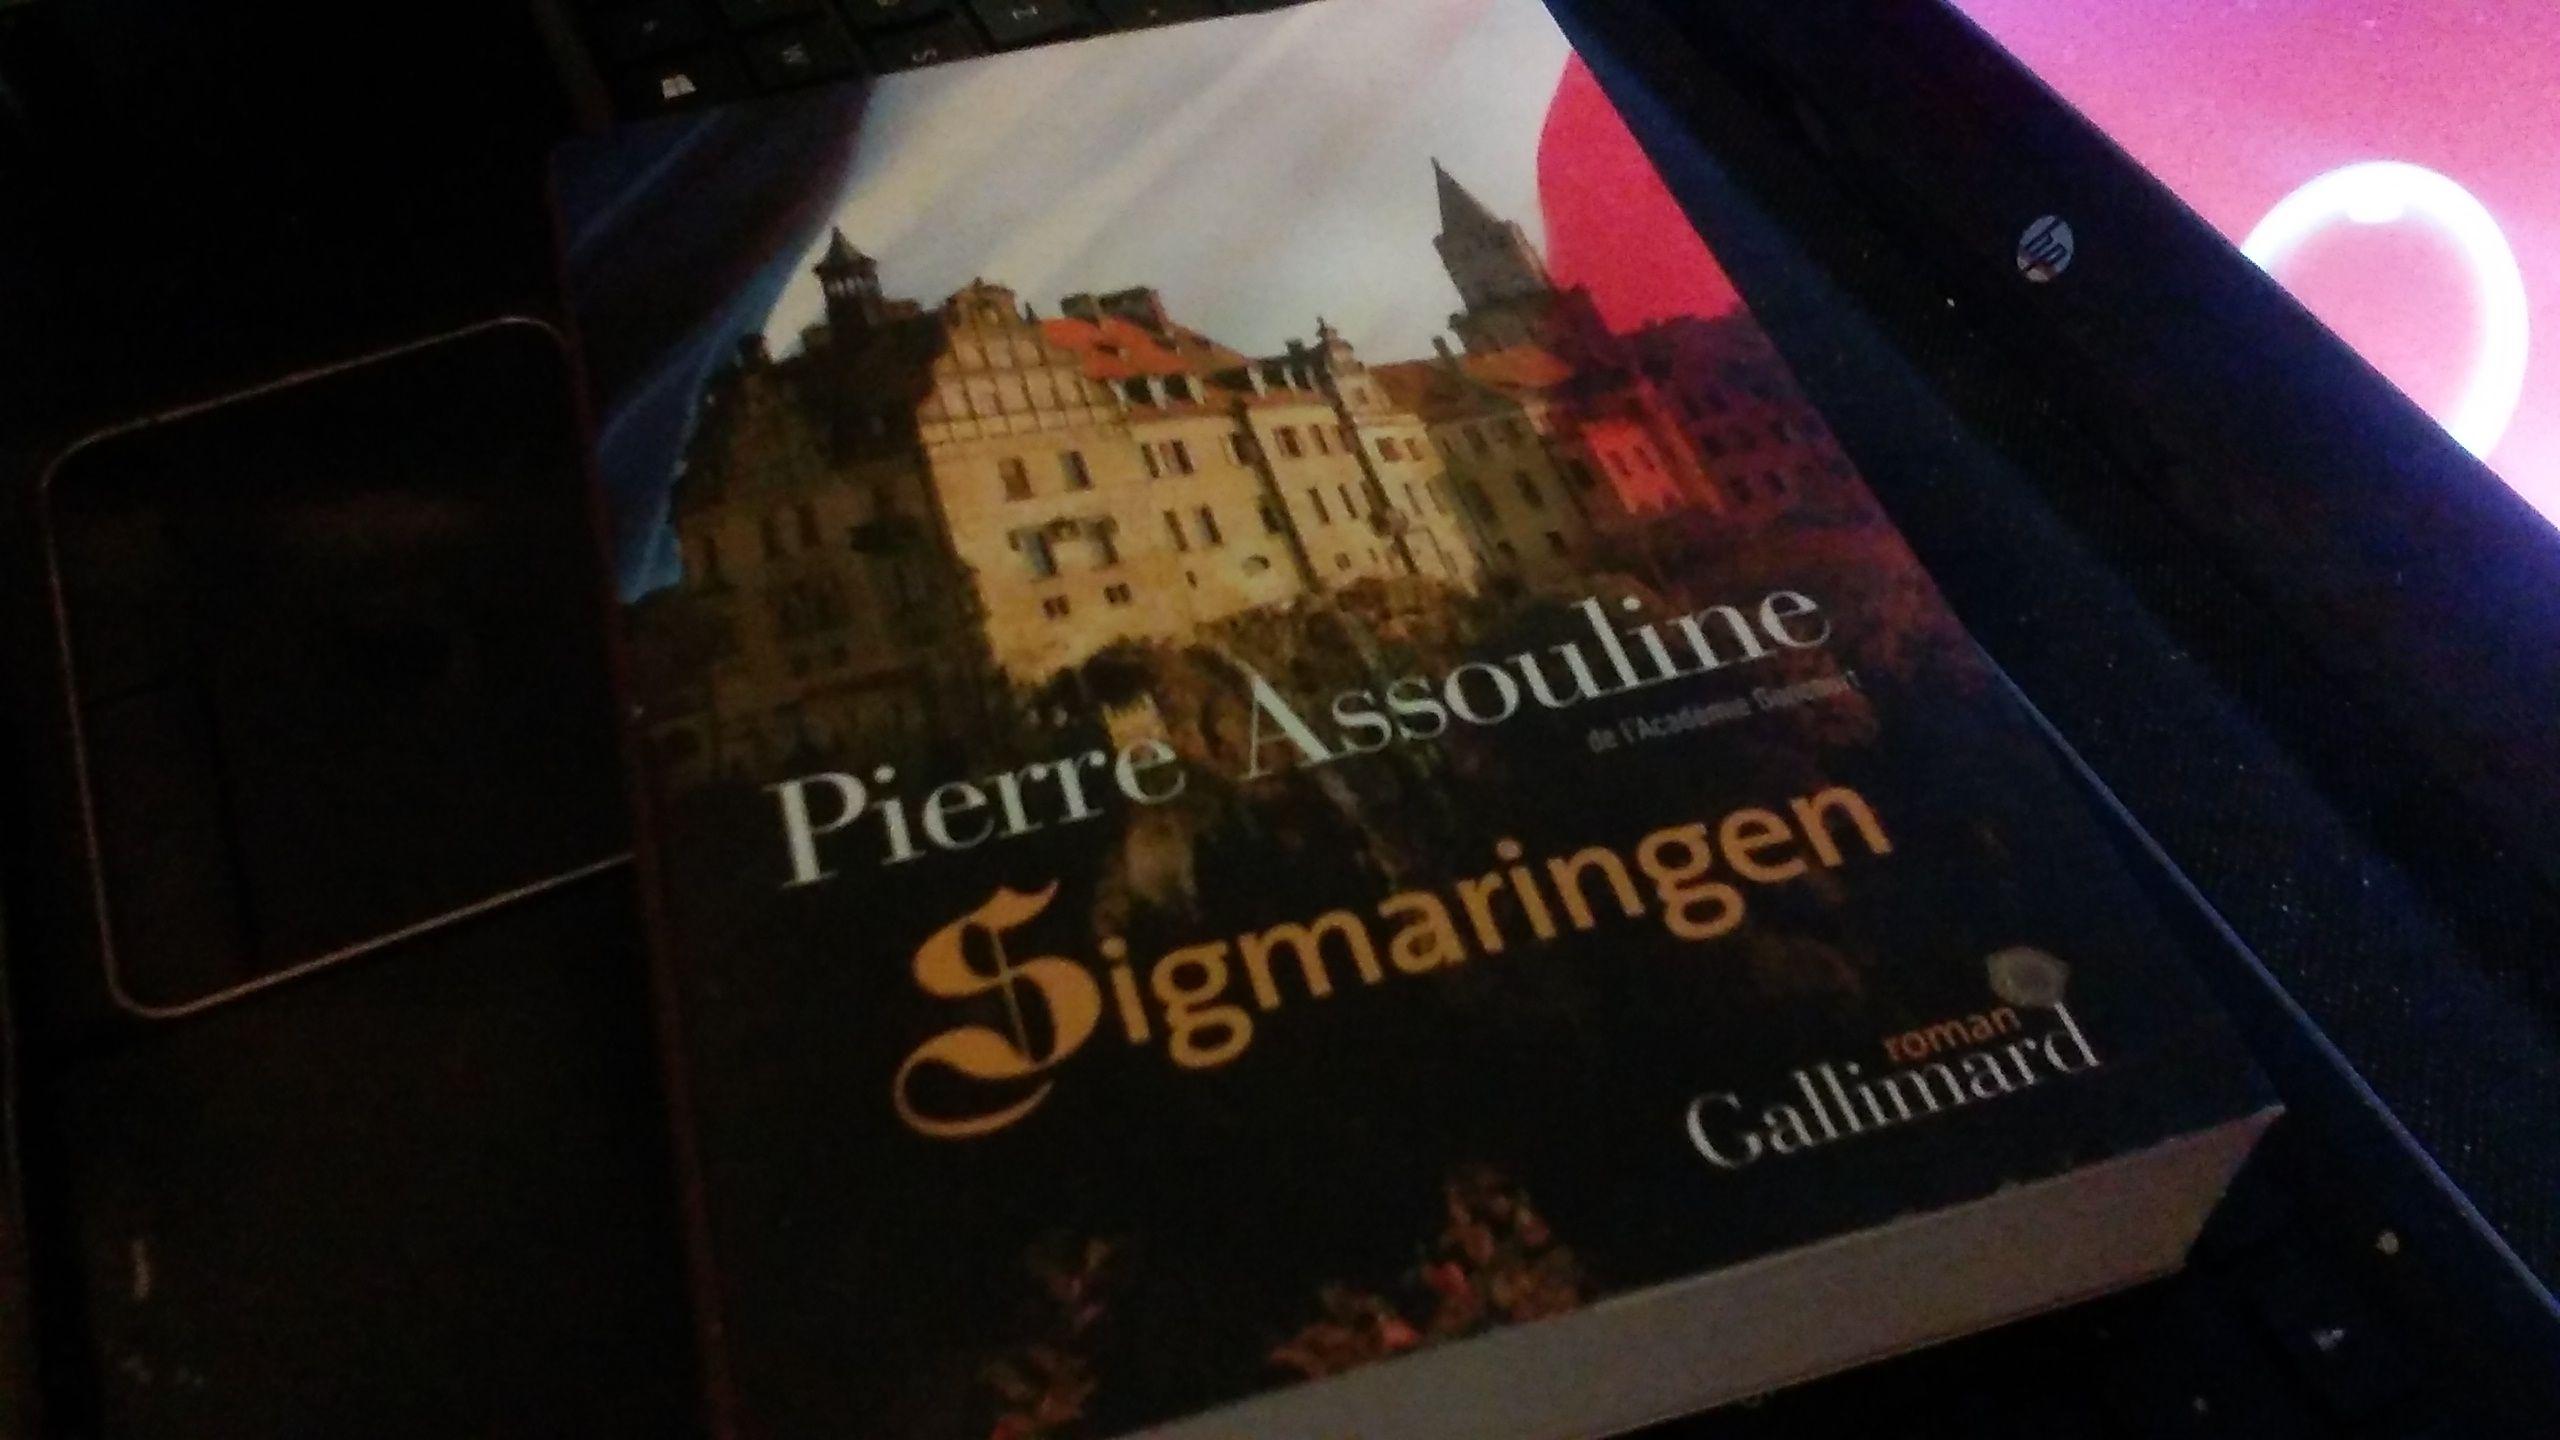 #MardiConseil #Sigmaringen #PierreAssouline @Gallimard  Le majordome nous raconte Vichy réfugié au château fin 1944